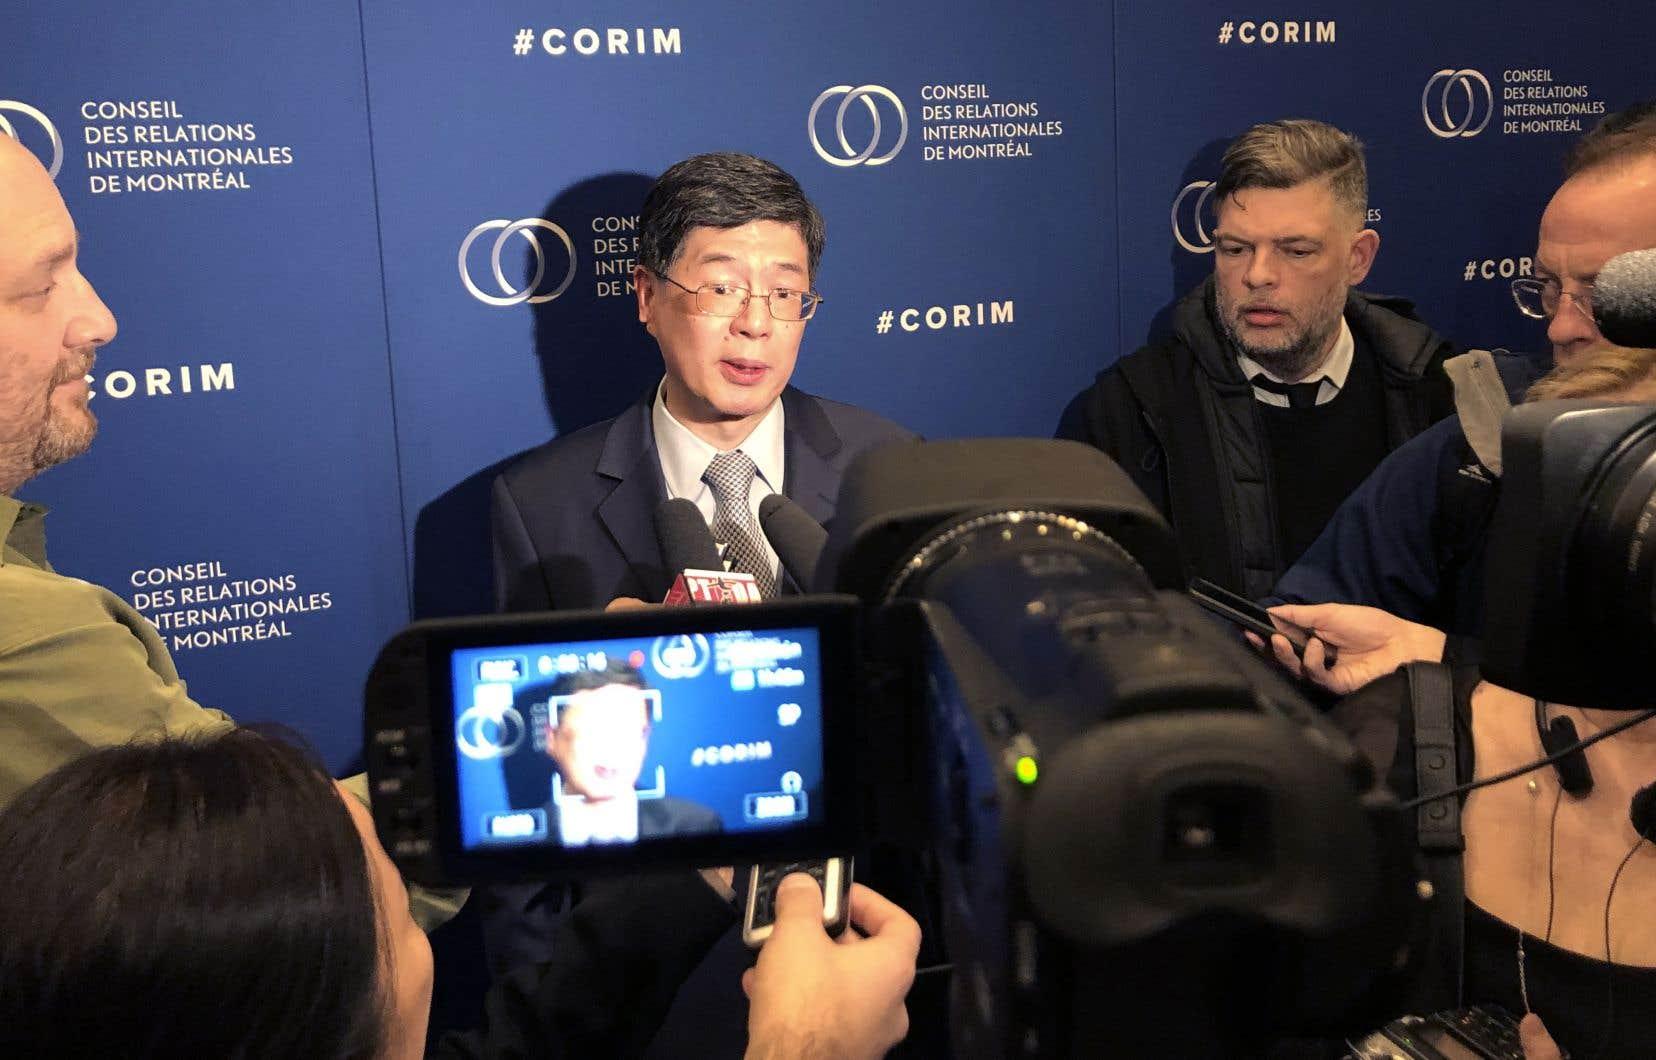 À propos du traitement de la minorité ouïghoure par la Chine, Peiwu Cong a répété qu'«[il] n'y a pas de telles choses, abus ou camps de concentration. Le gouvernement local applique des mesures de contre-terrorisme et de déradicalisation. Et c'est un succès.»